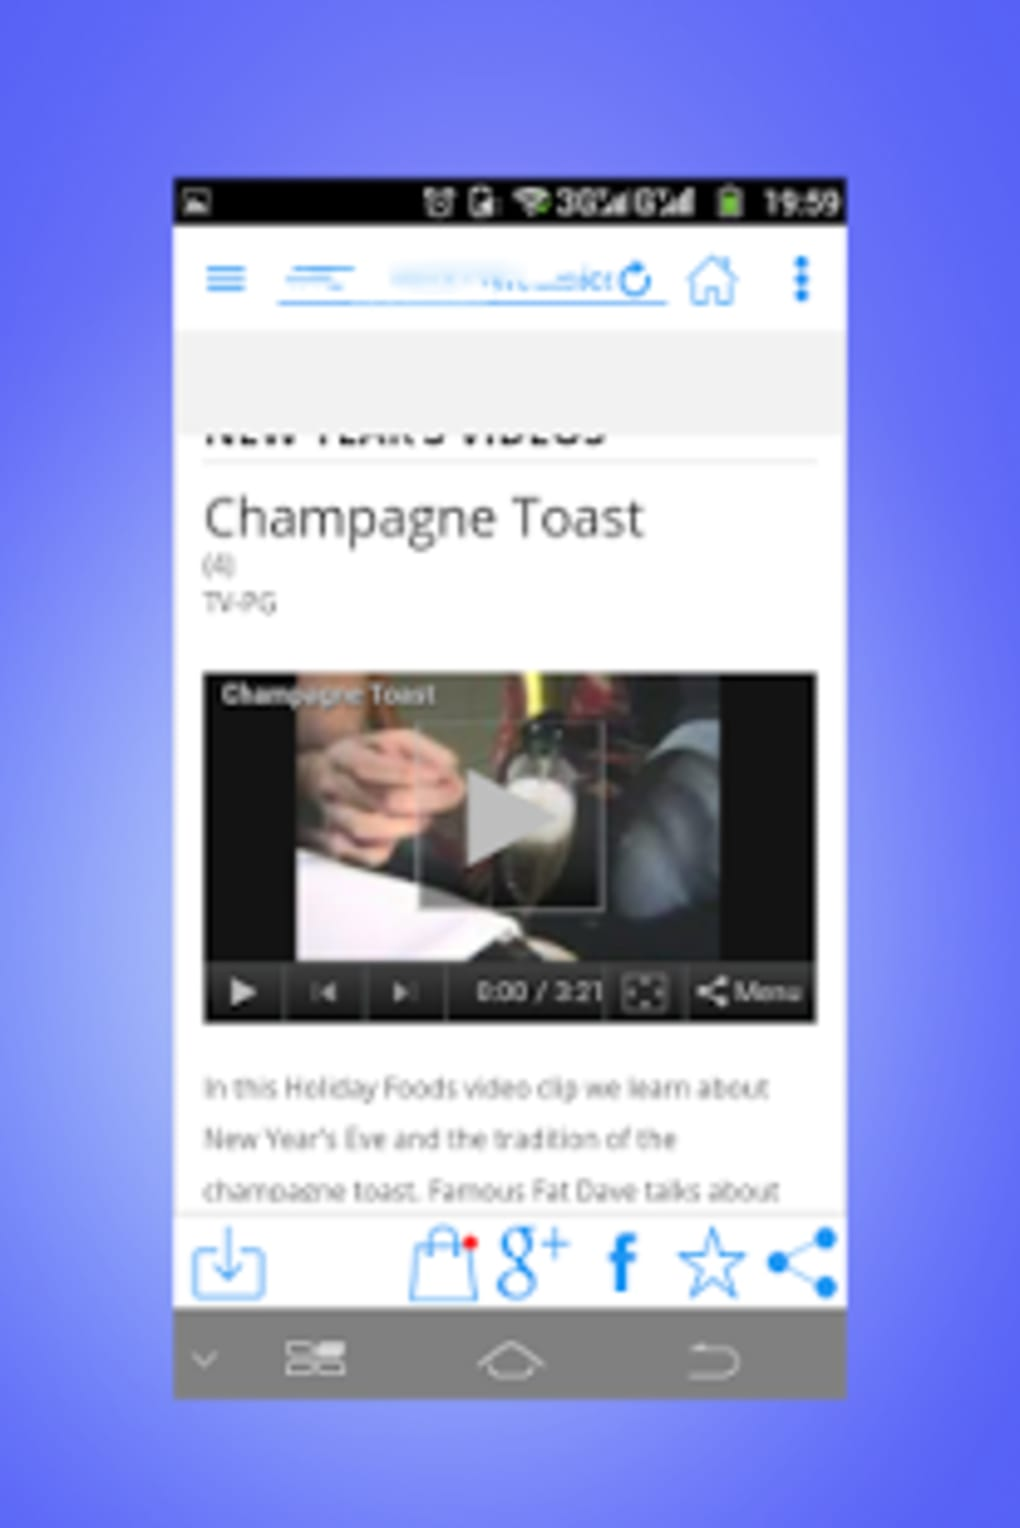 Videoder Video Downloader App for Mac - Download